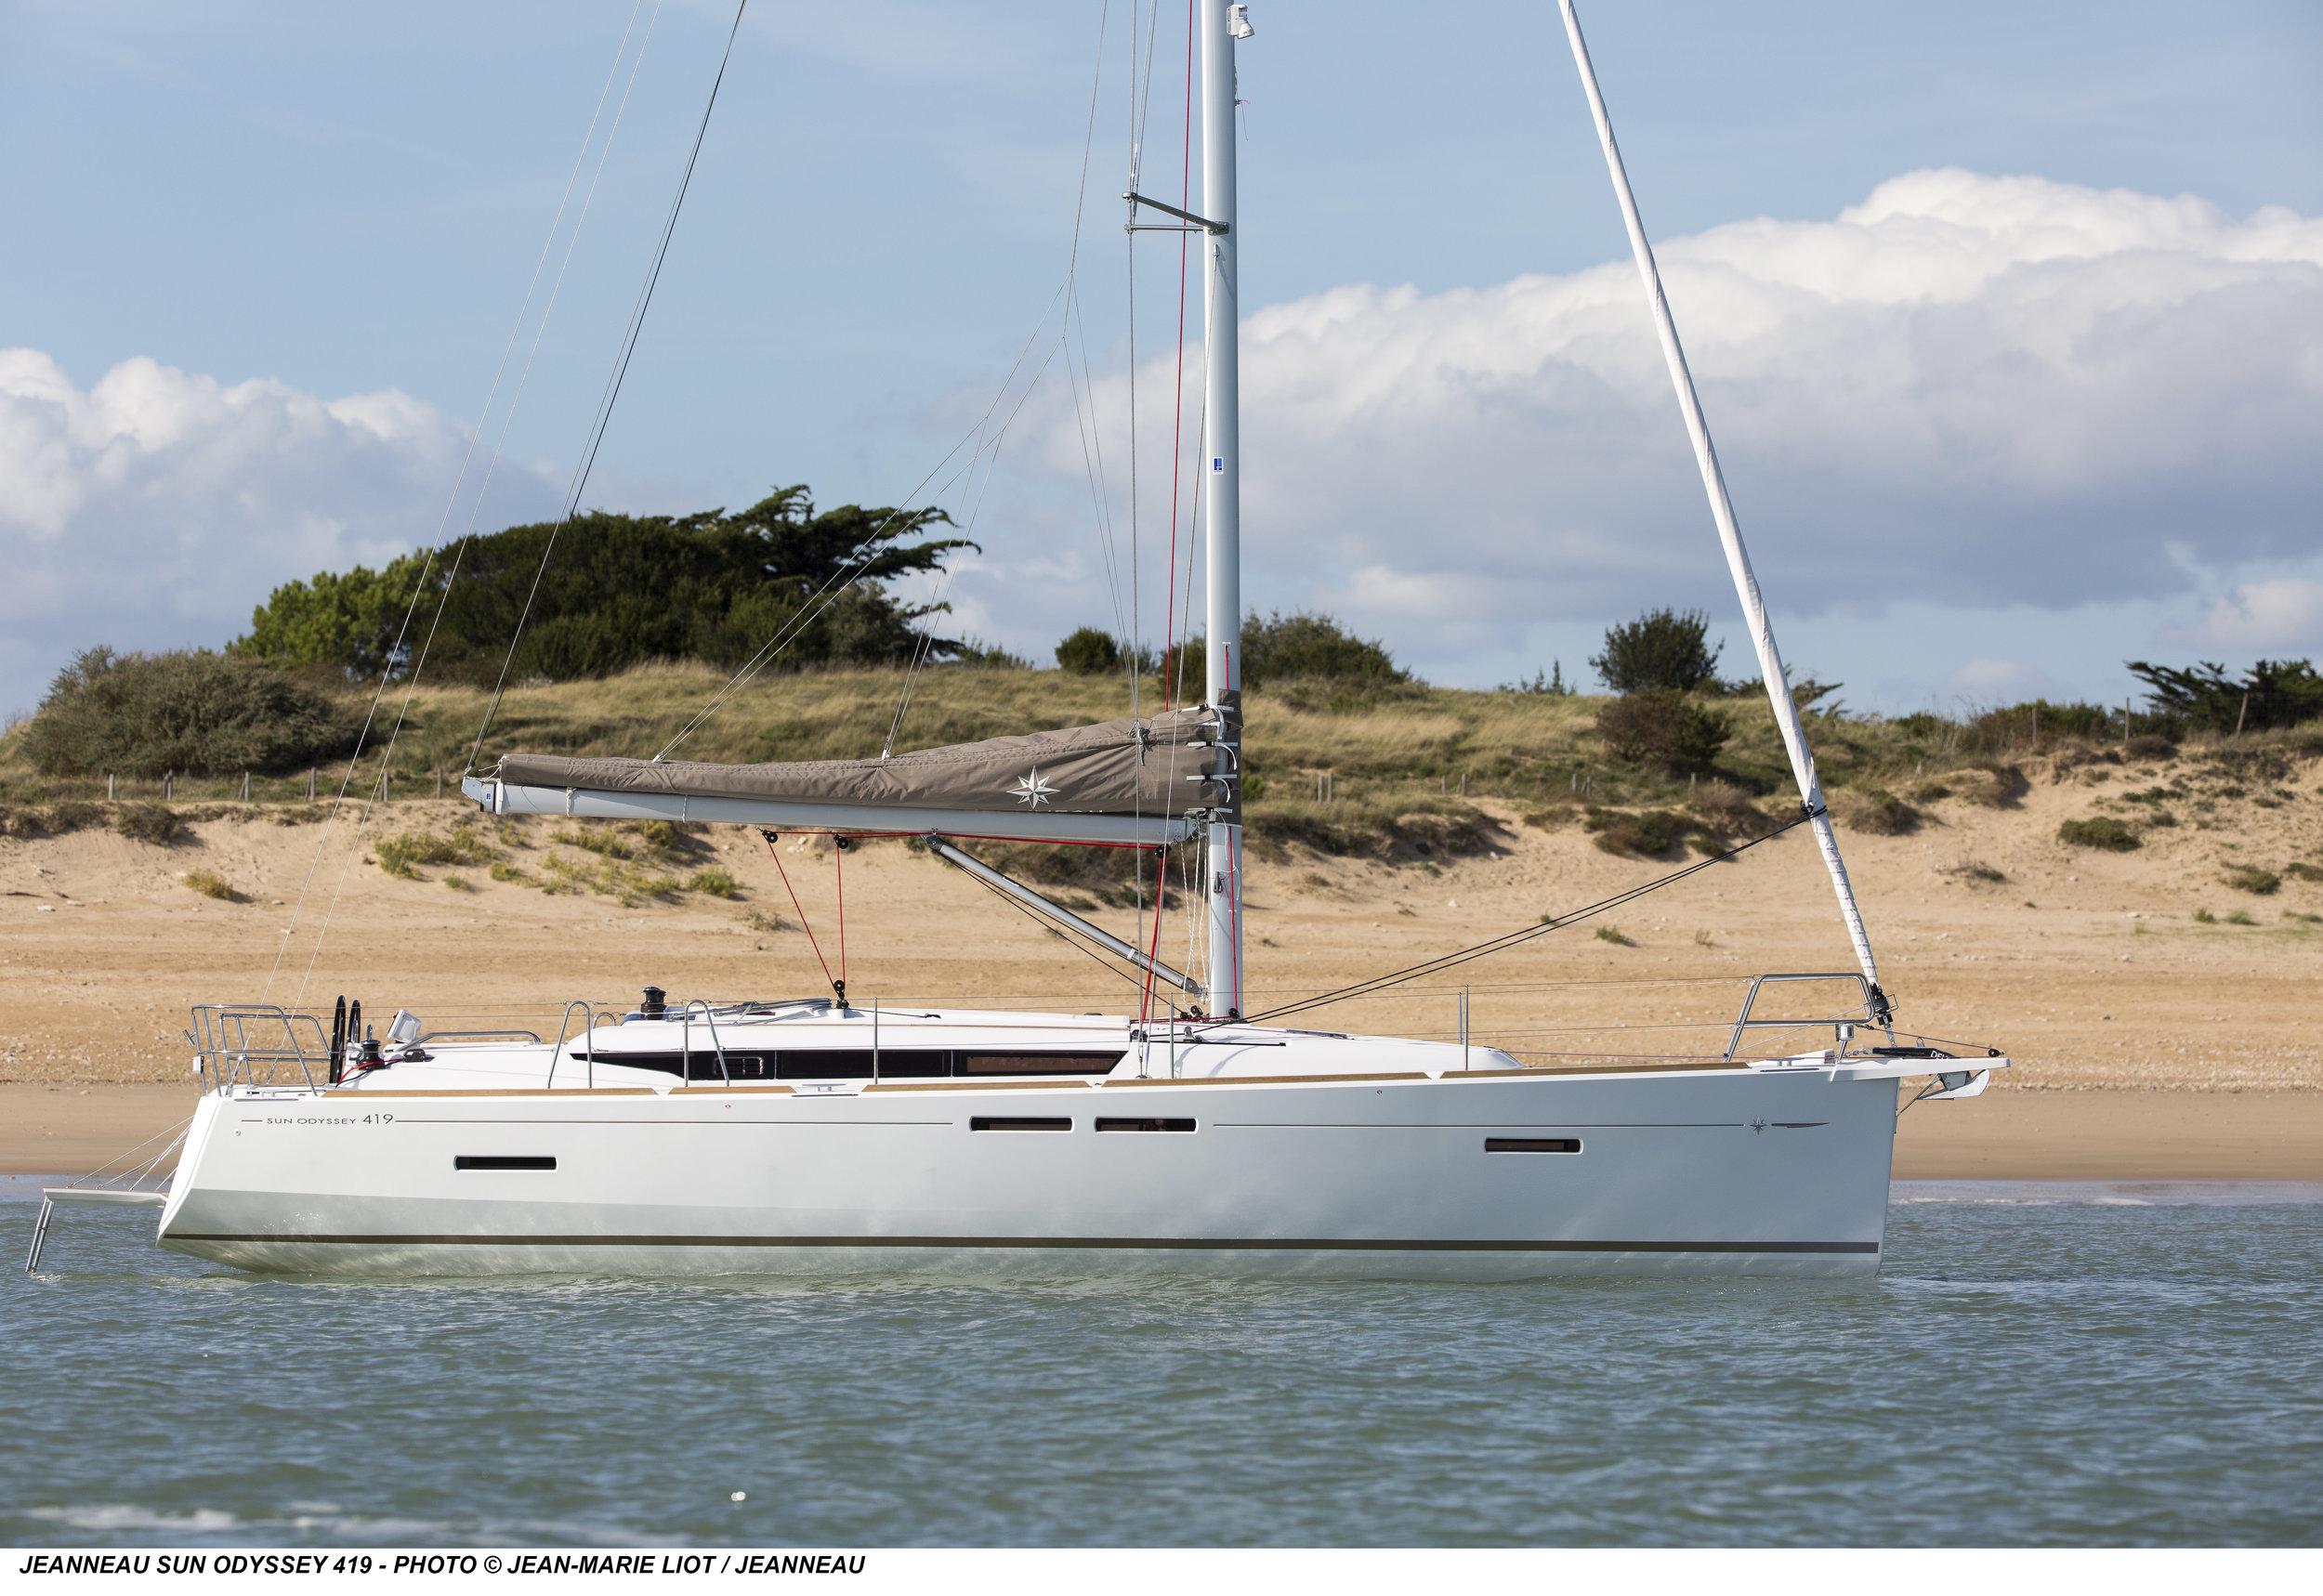 boat-379_exterieur_20110615123206.jpg